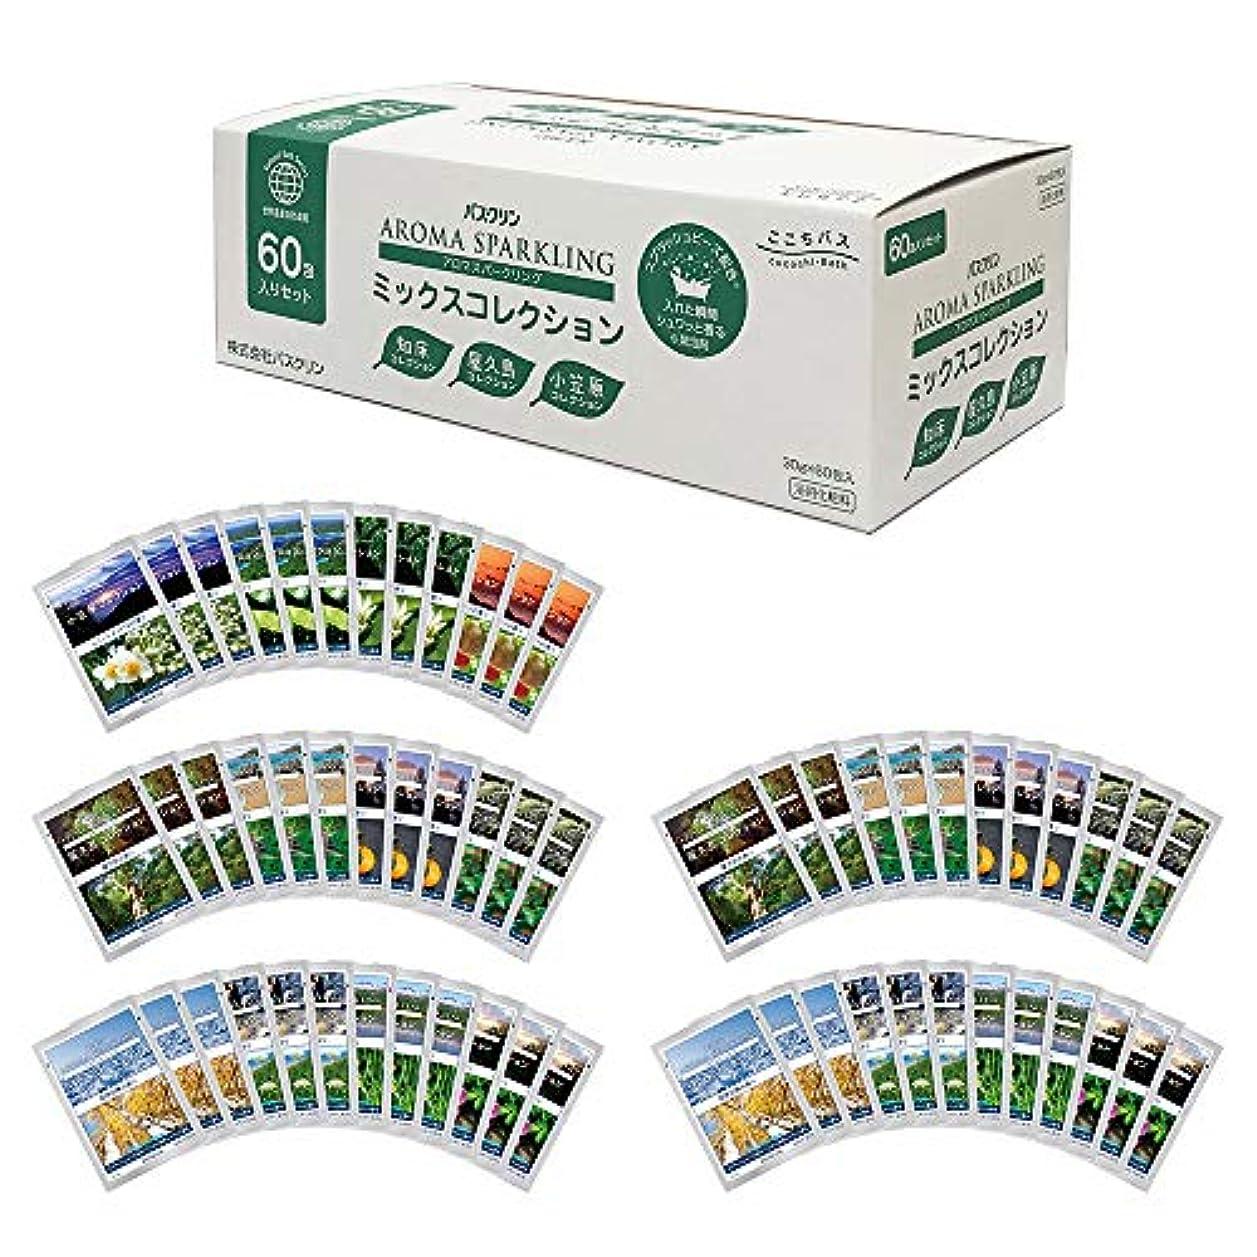 スクランブル実質的に印象的な【Amazon限定ブランド】ここちバス バスクリン 入浴剤  アロマスパークリング ミックスコレクション 60包入り 個包装 詰め合わせ